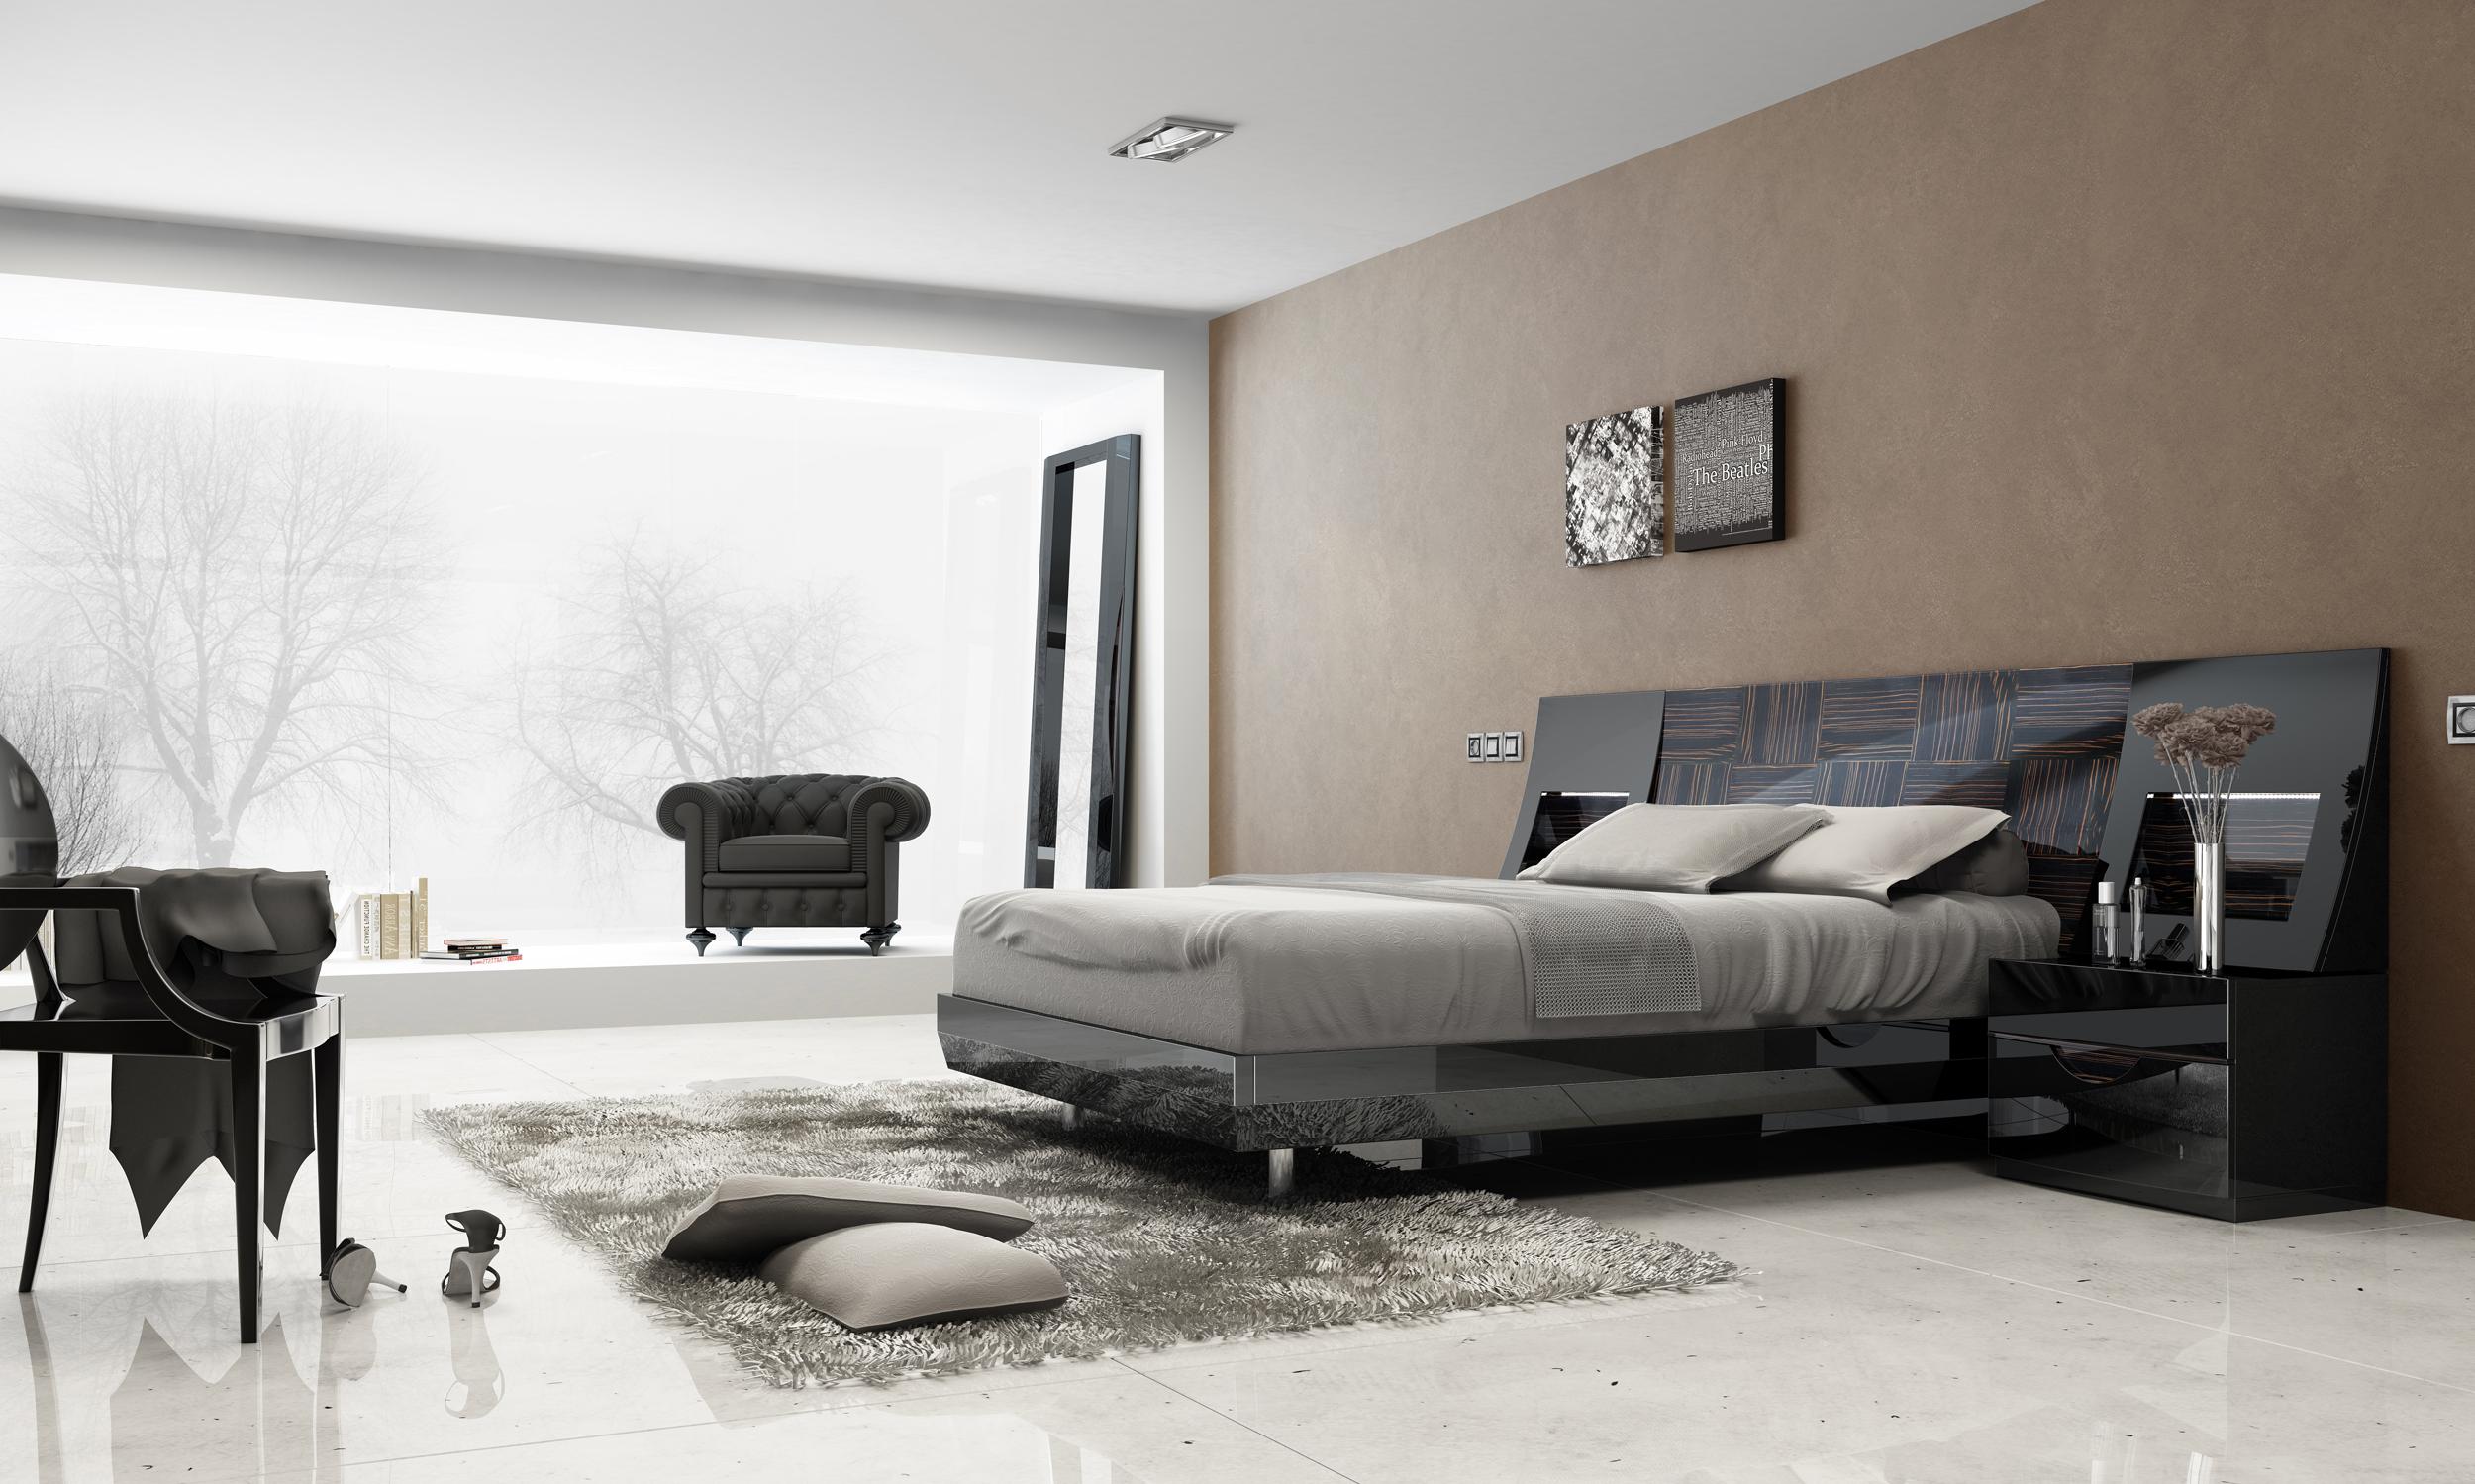 Dormitorio fenicia interiorismo dise o de dormitorios e for Decoradores e interioristas en valencia